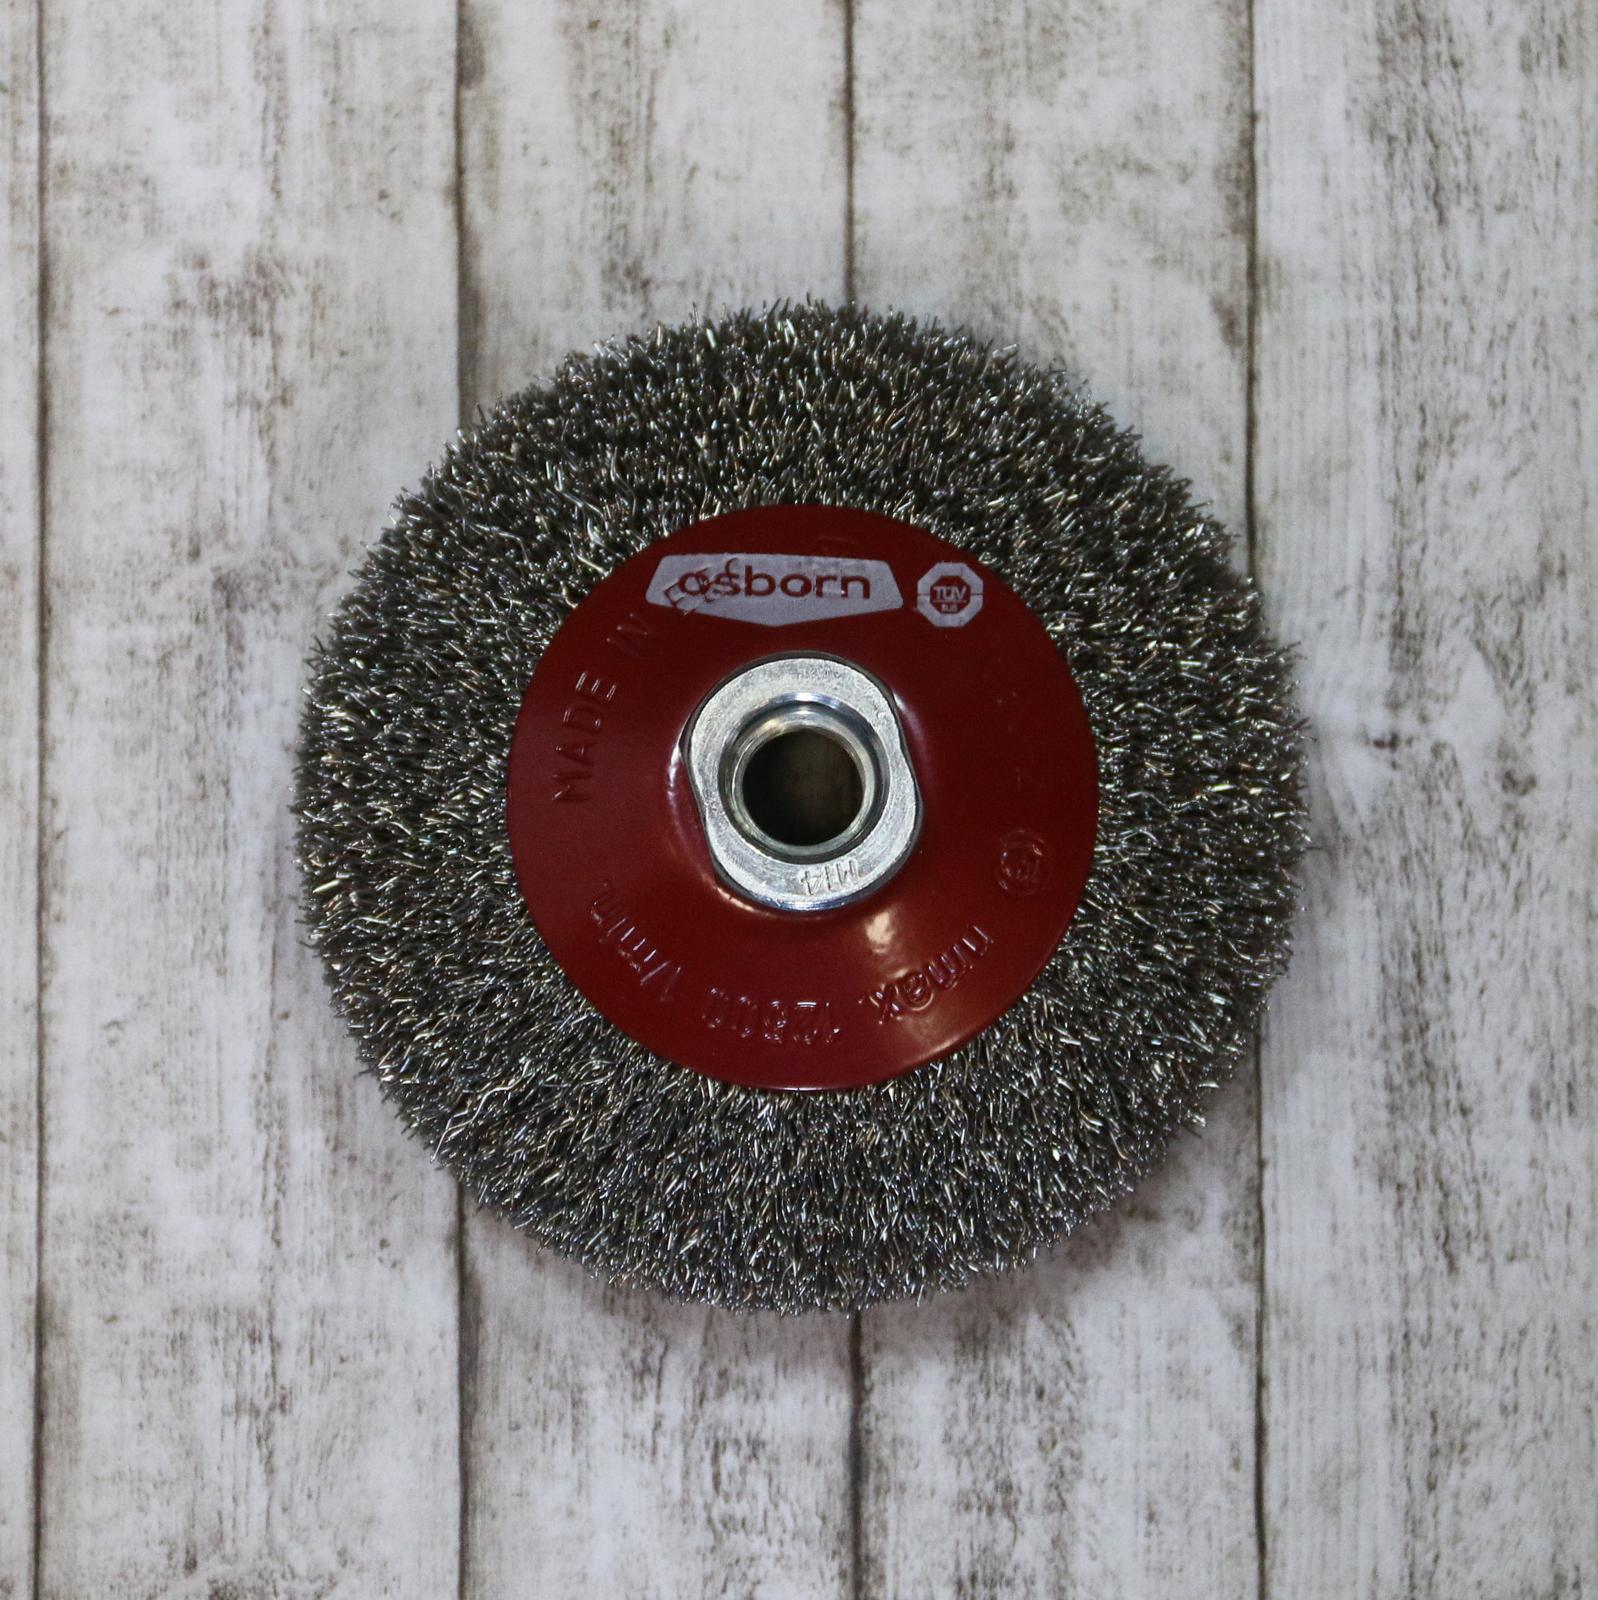 Tellerbürste Rundbürste Zirkular Metall Holz Struktur ausbürsten schleifen